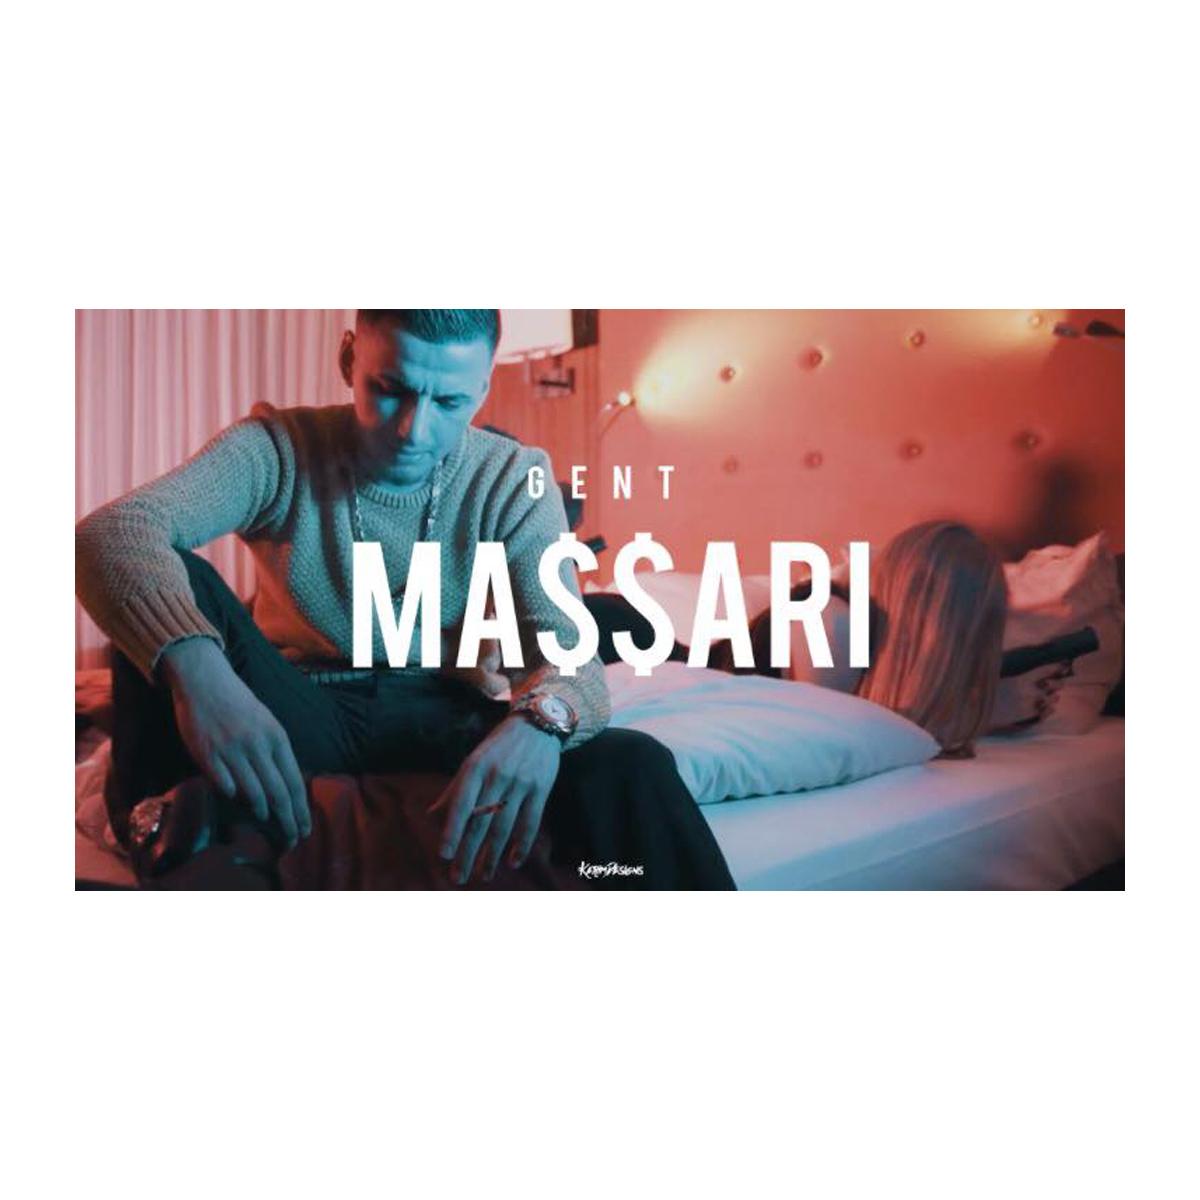 Upcoming: GENT - MASSARI